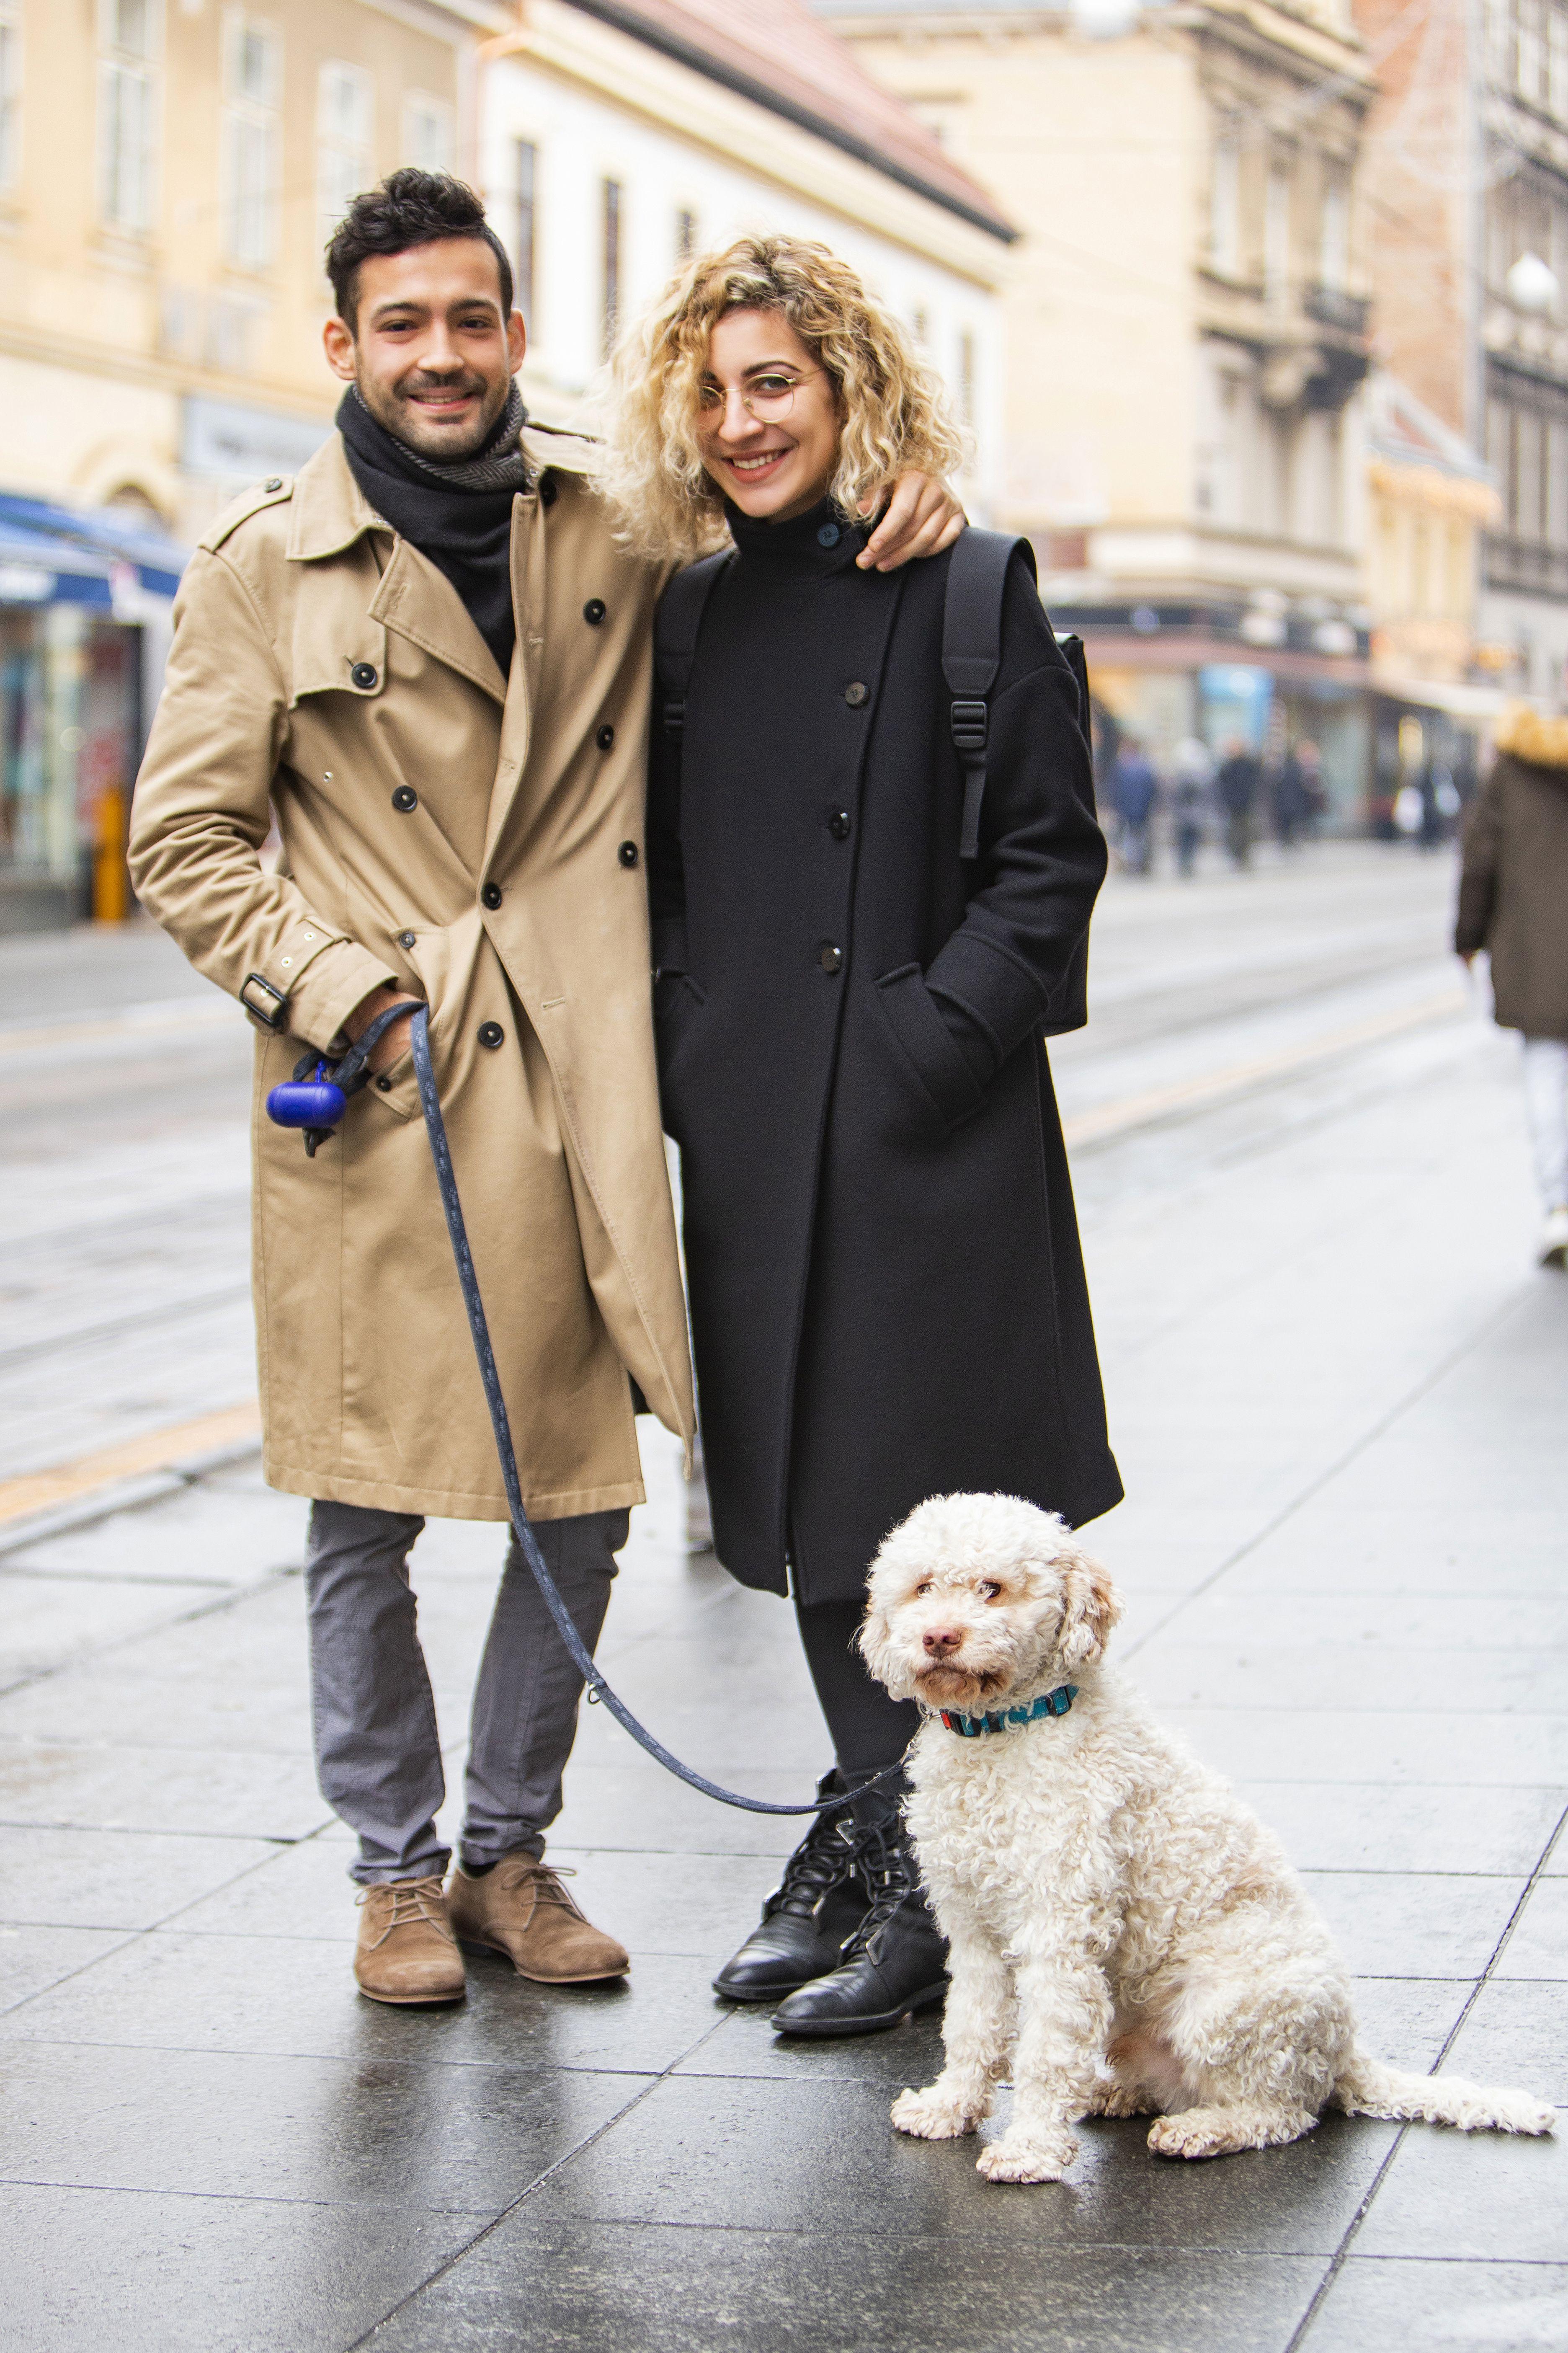 Ovaj par u Zari od glave do pete izgleda odlično, a tek kad im vidite psića...